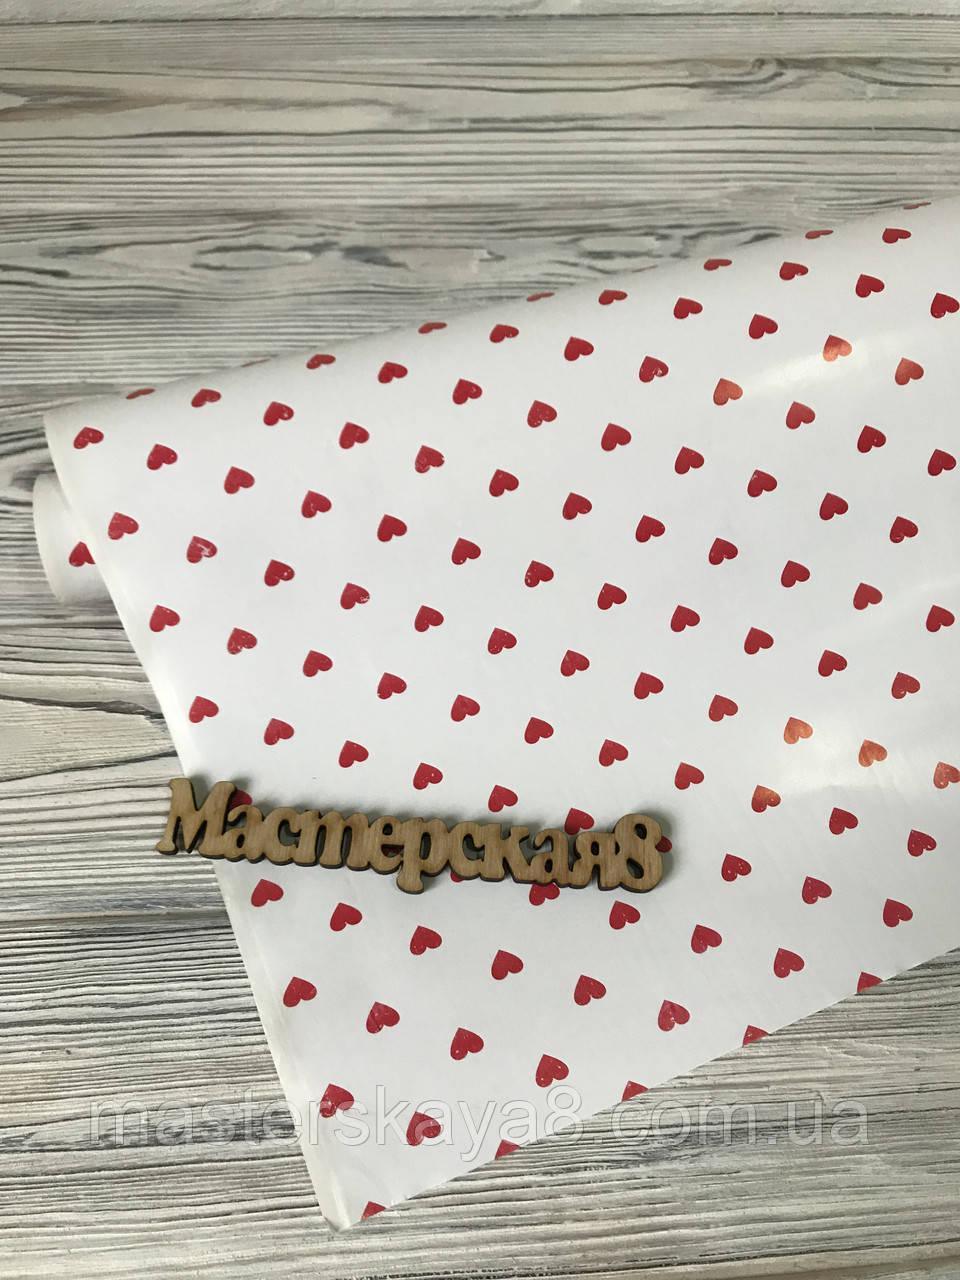 Бумага подарочная глянцевая белая 70см*10м в сердечки красные